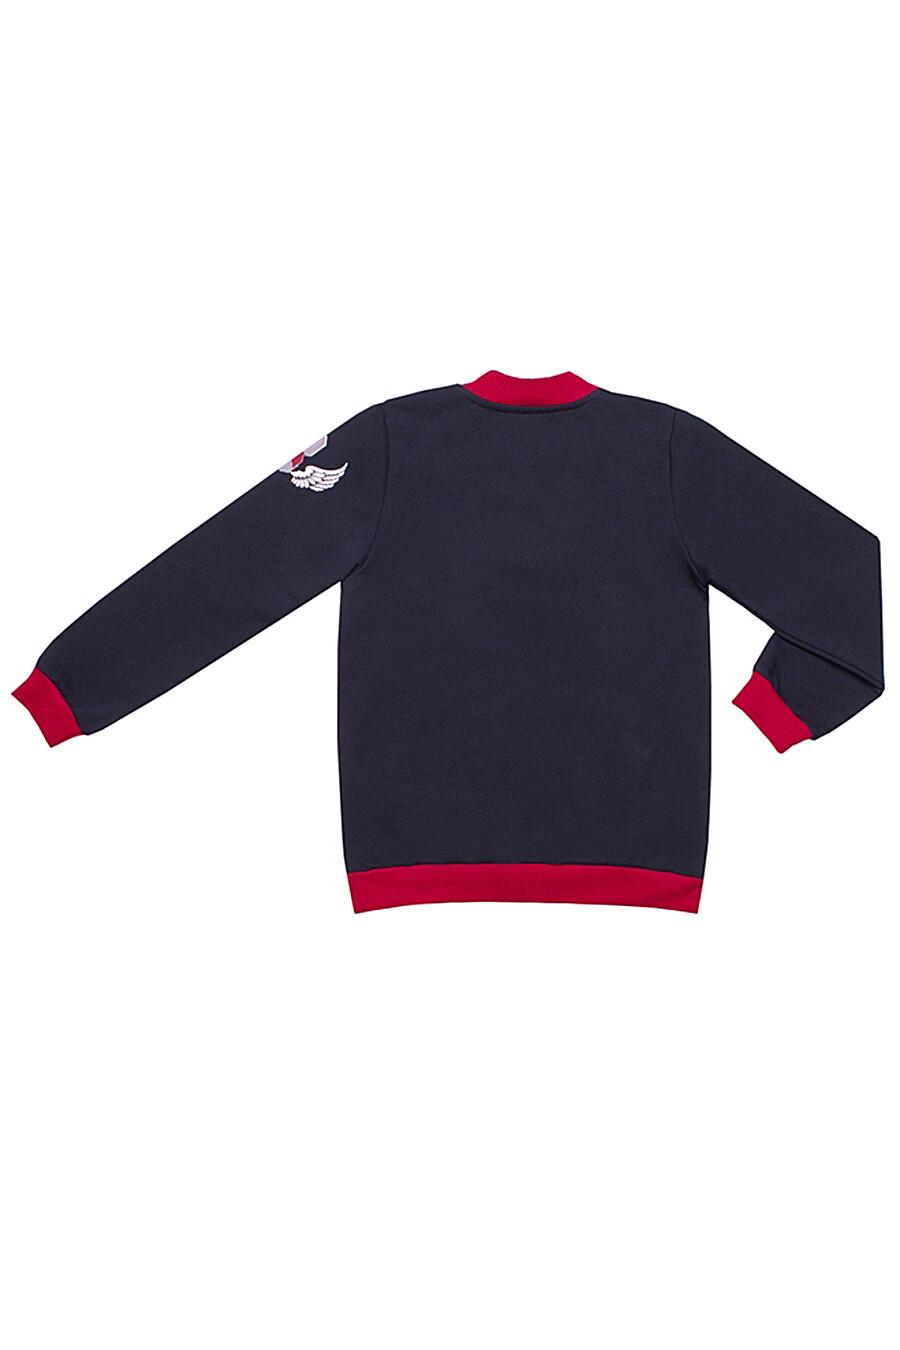 Толстовка  для мальчиков АПРЕЛЬ 699915 купить оптом от производителя. Совместная покупка детской одежды в OptMoyo